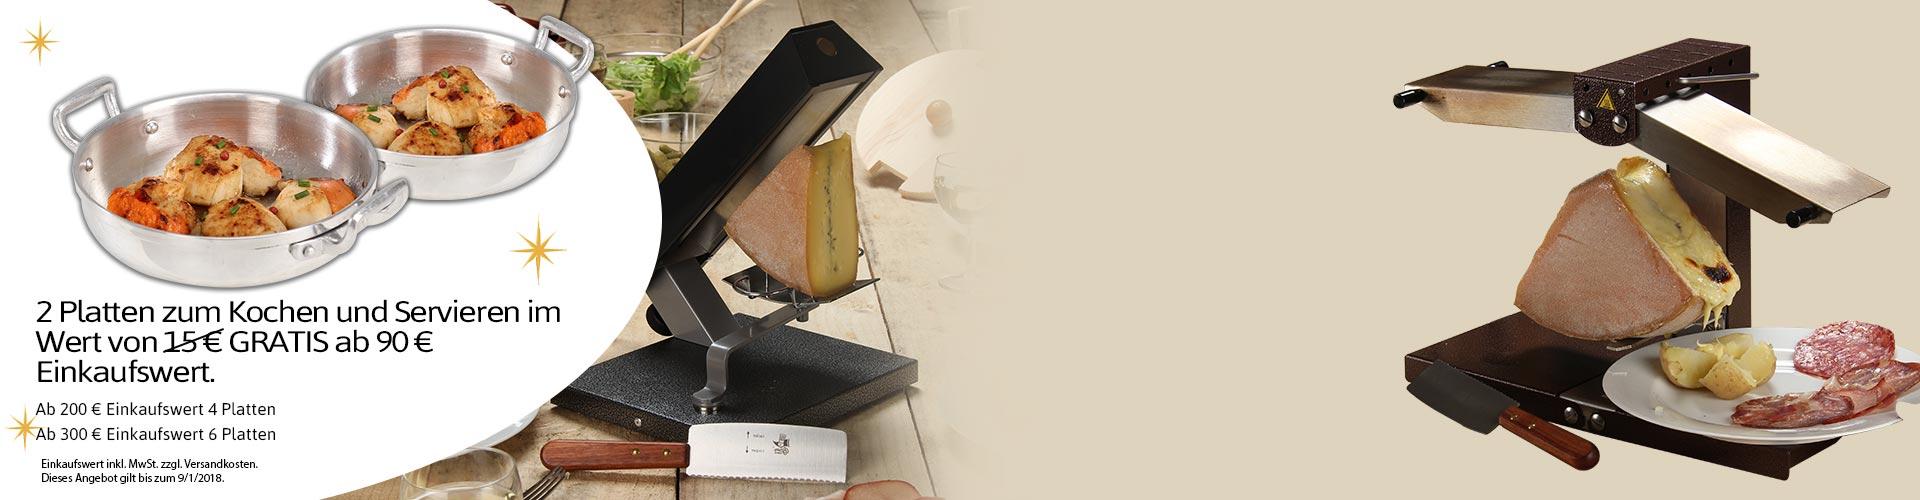 konservieren kochen und alles f r den hausgemachten tom press. Black Bedroom Furniture Sets. Home Design Ideas